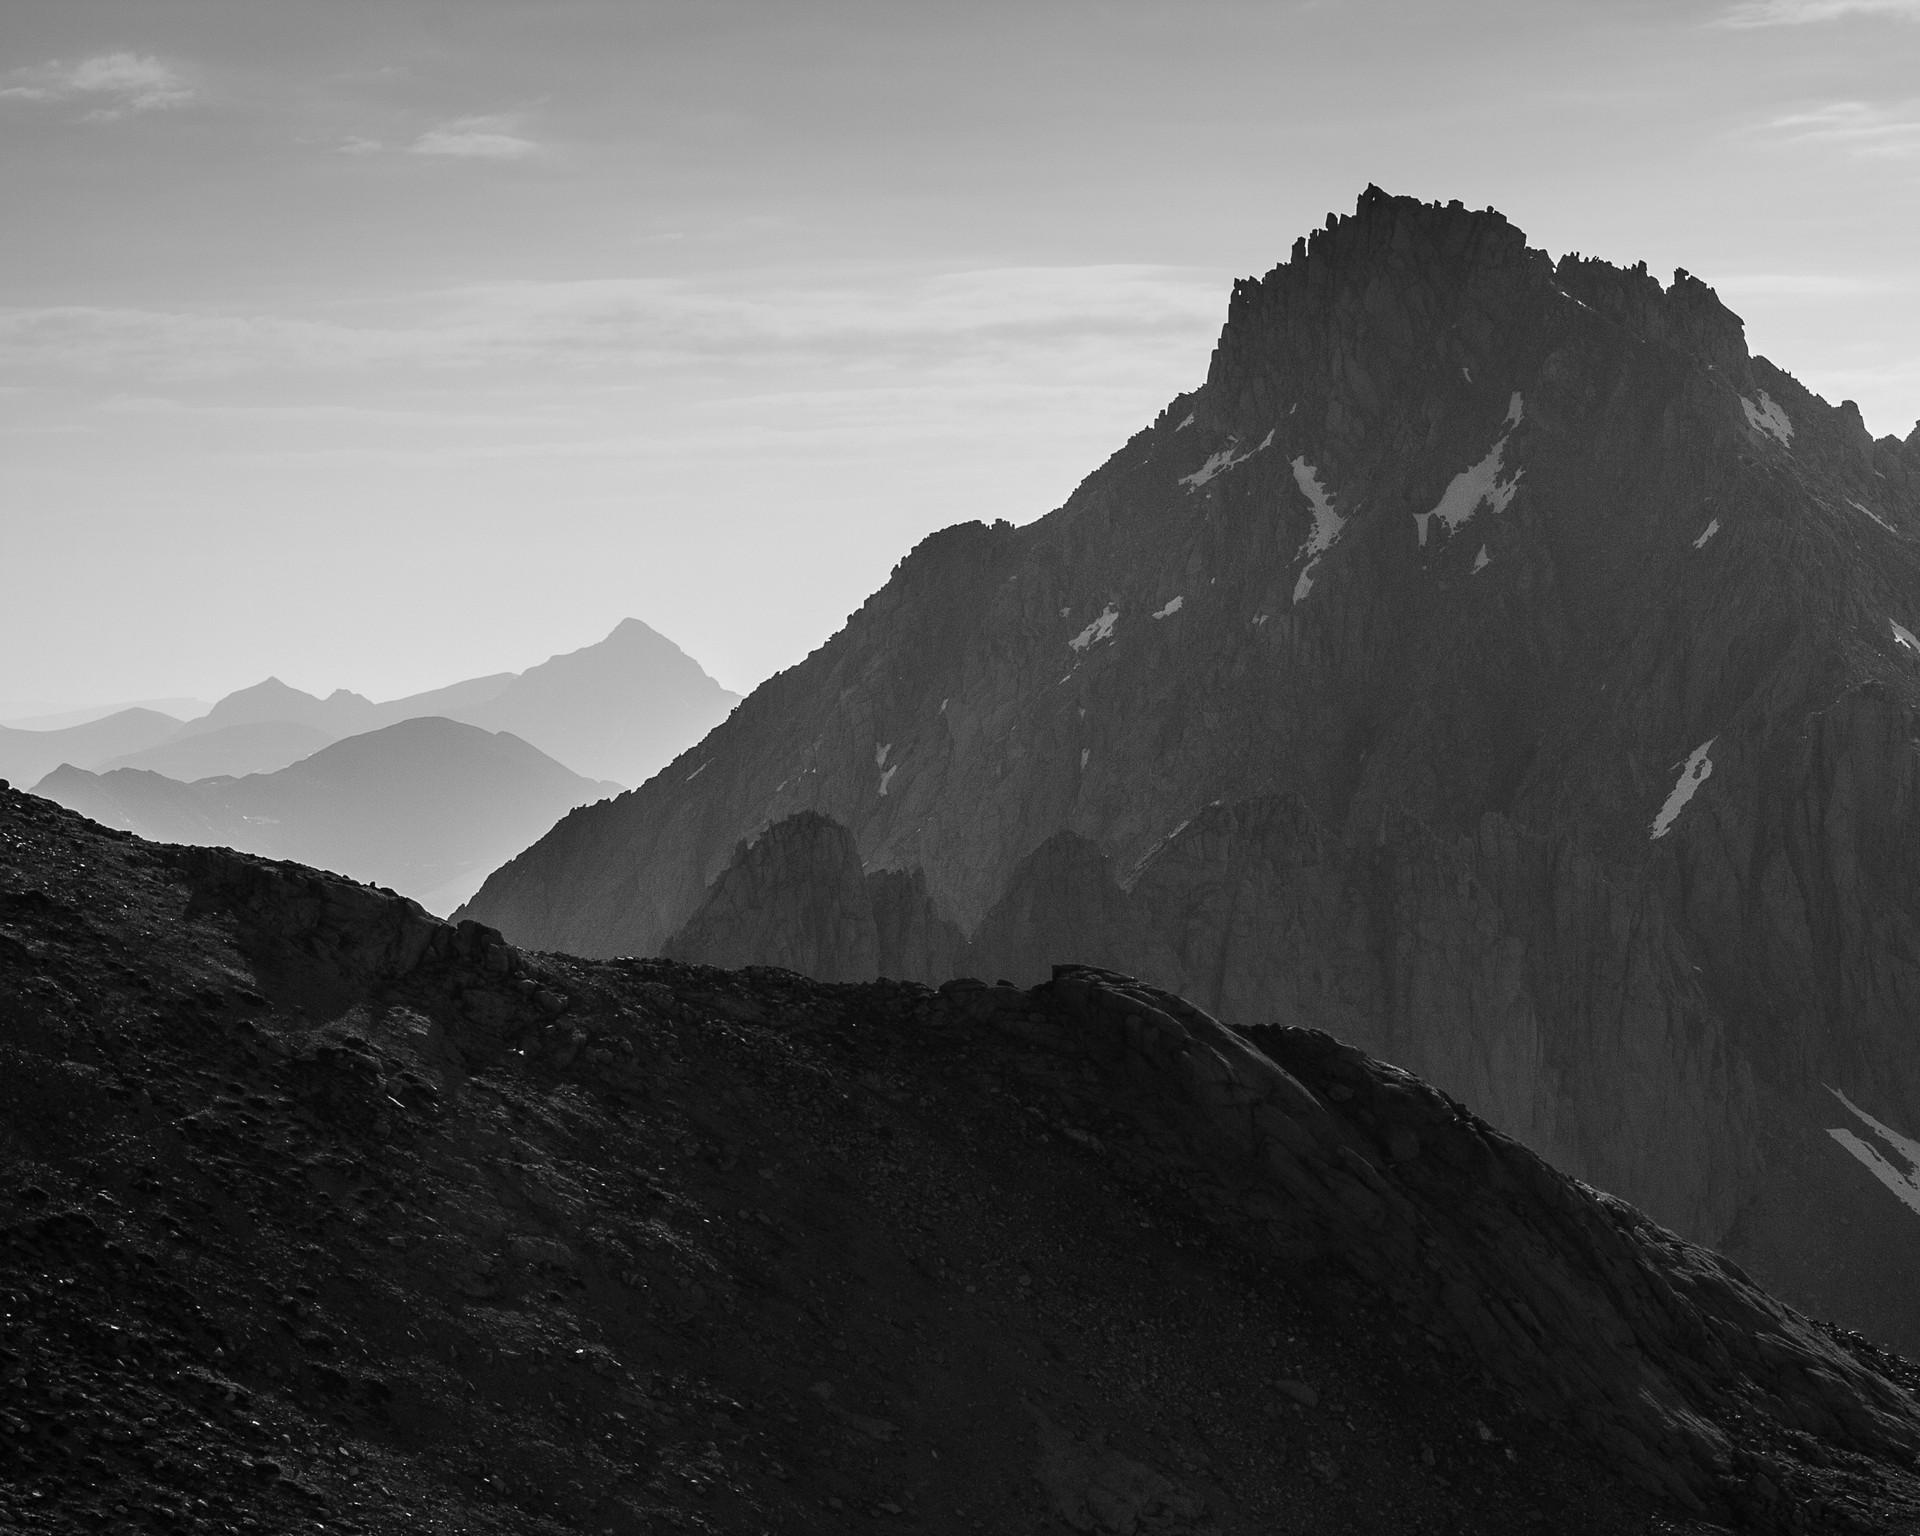 Sunlight Peak and Rio Grande Peak